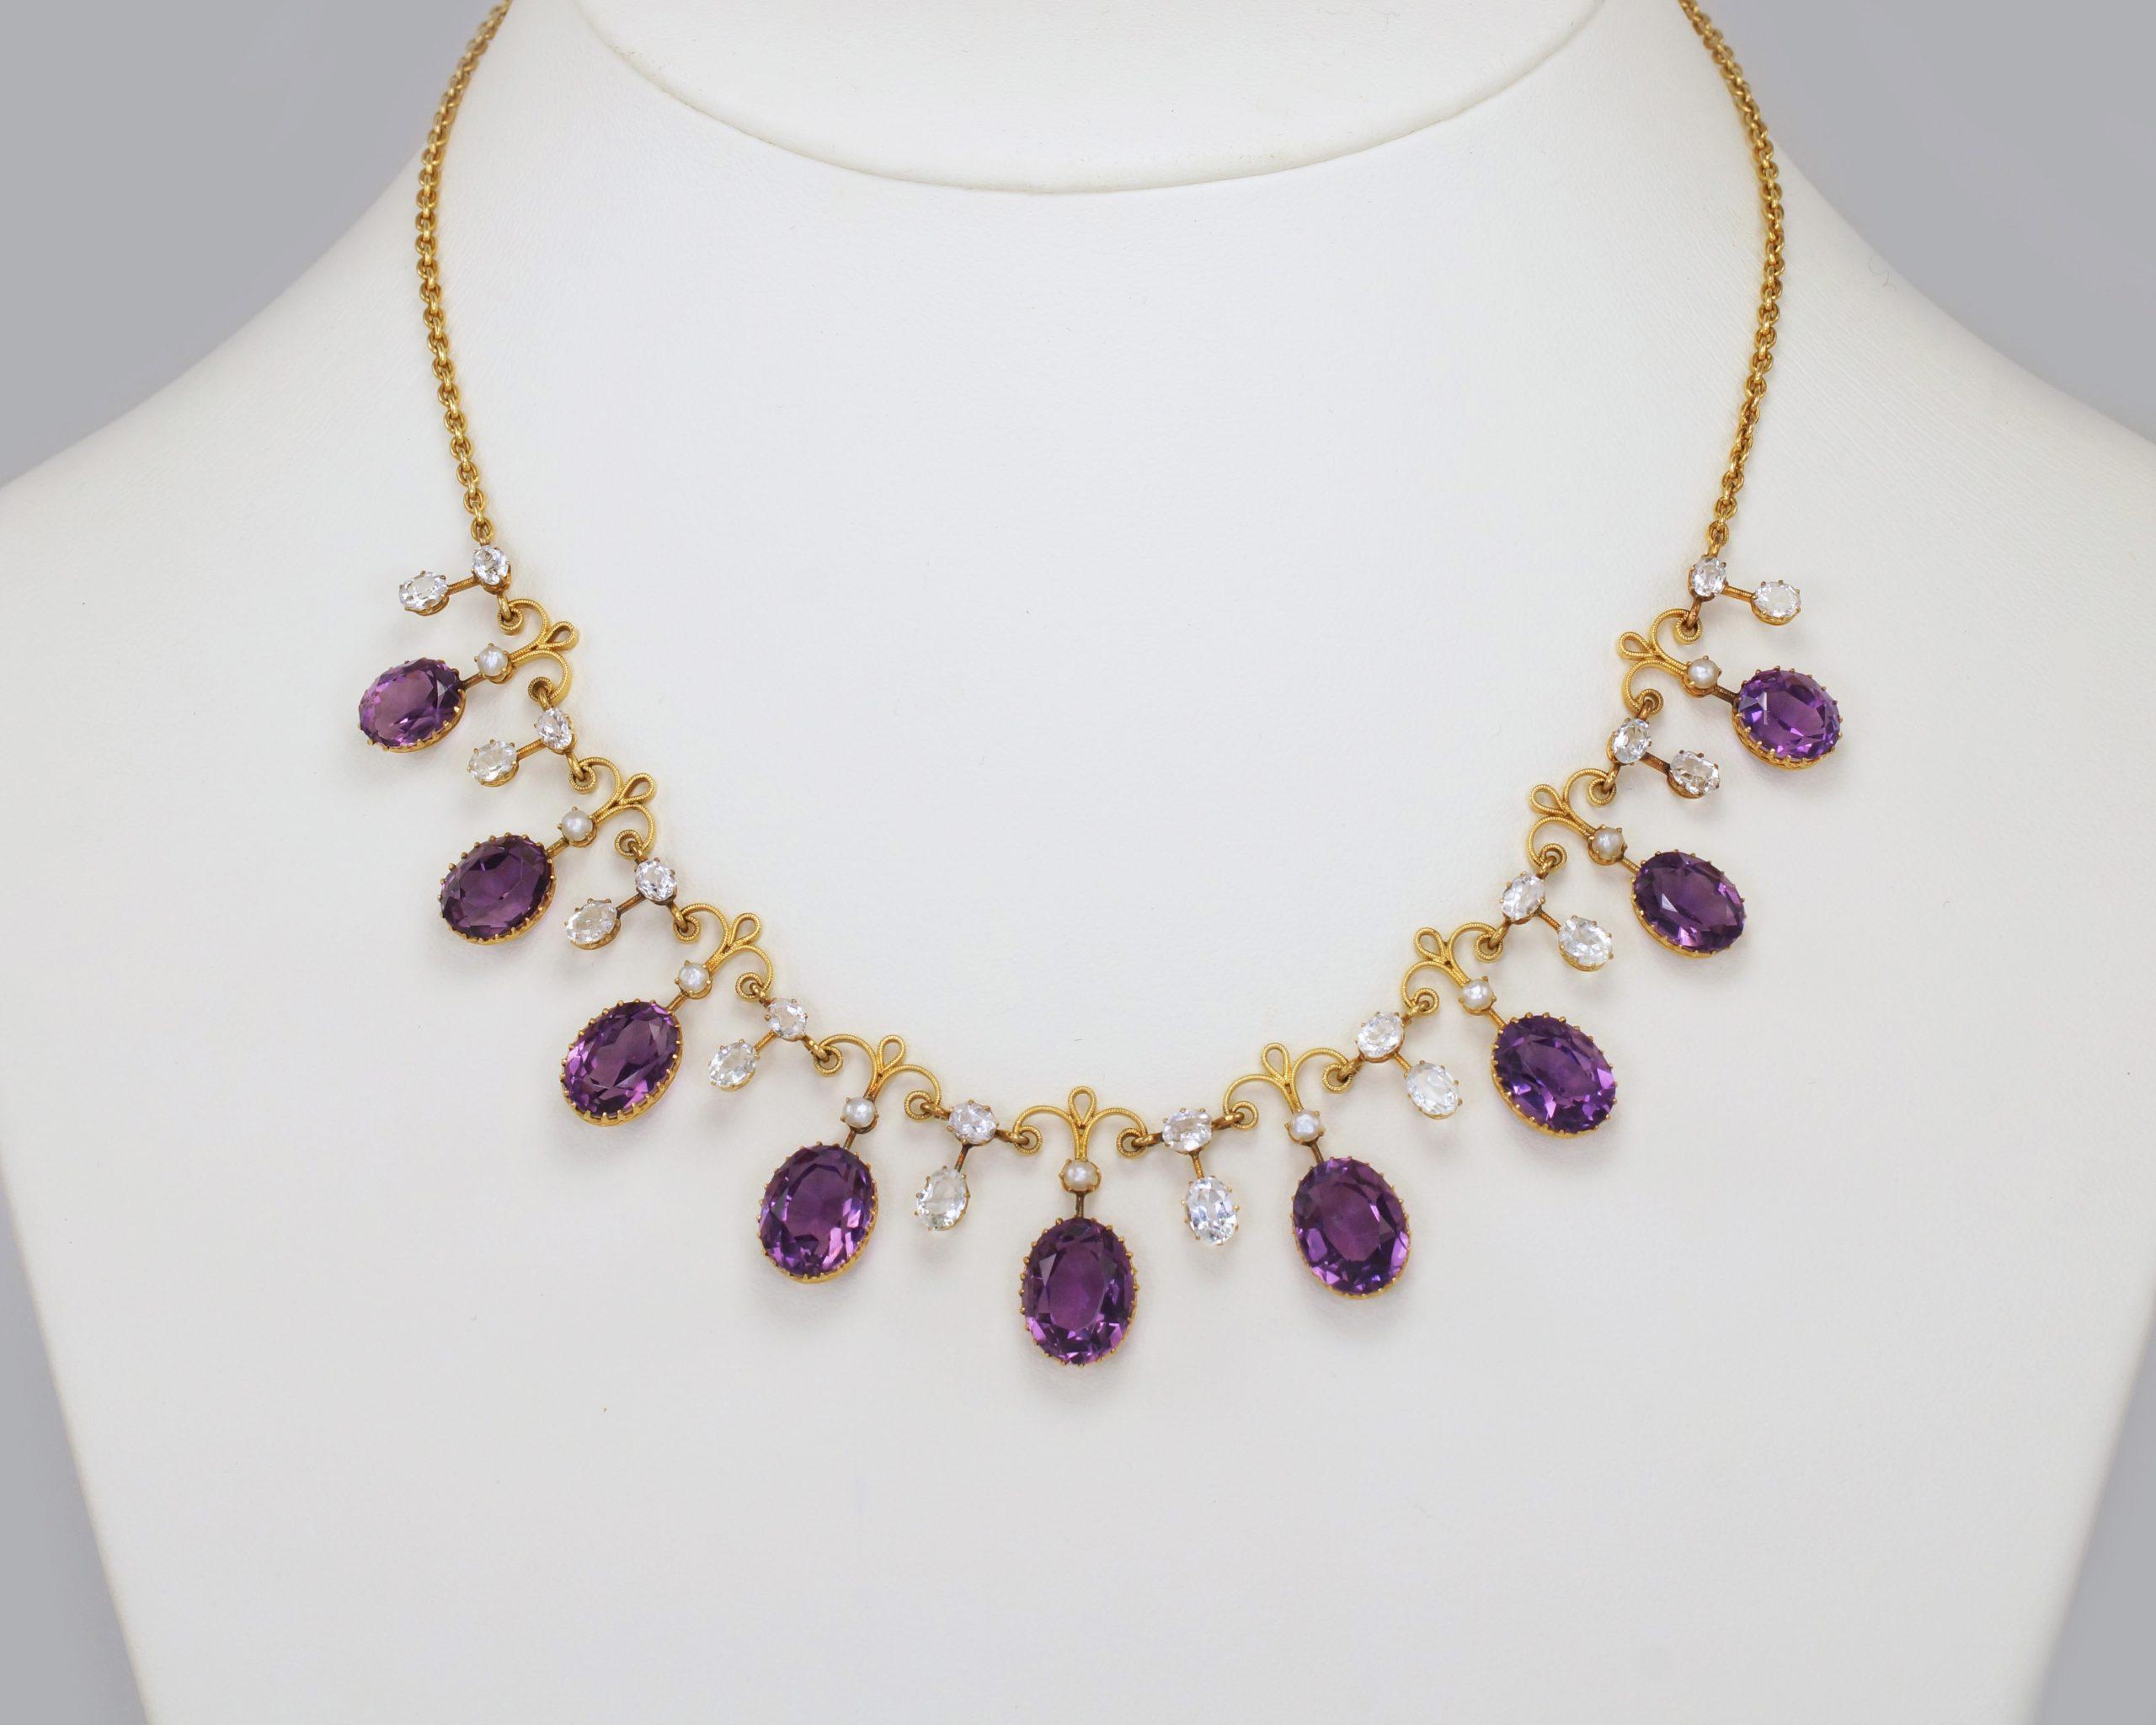 antique fringe necklace looks fabulous when worn